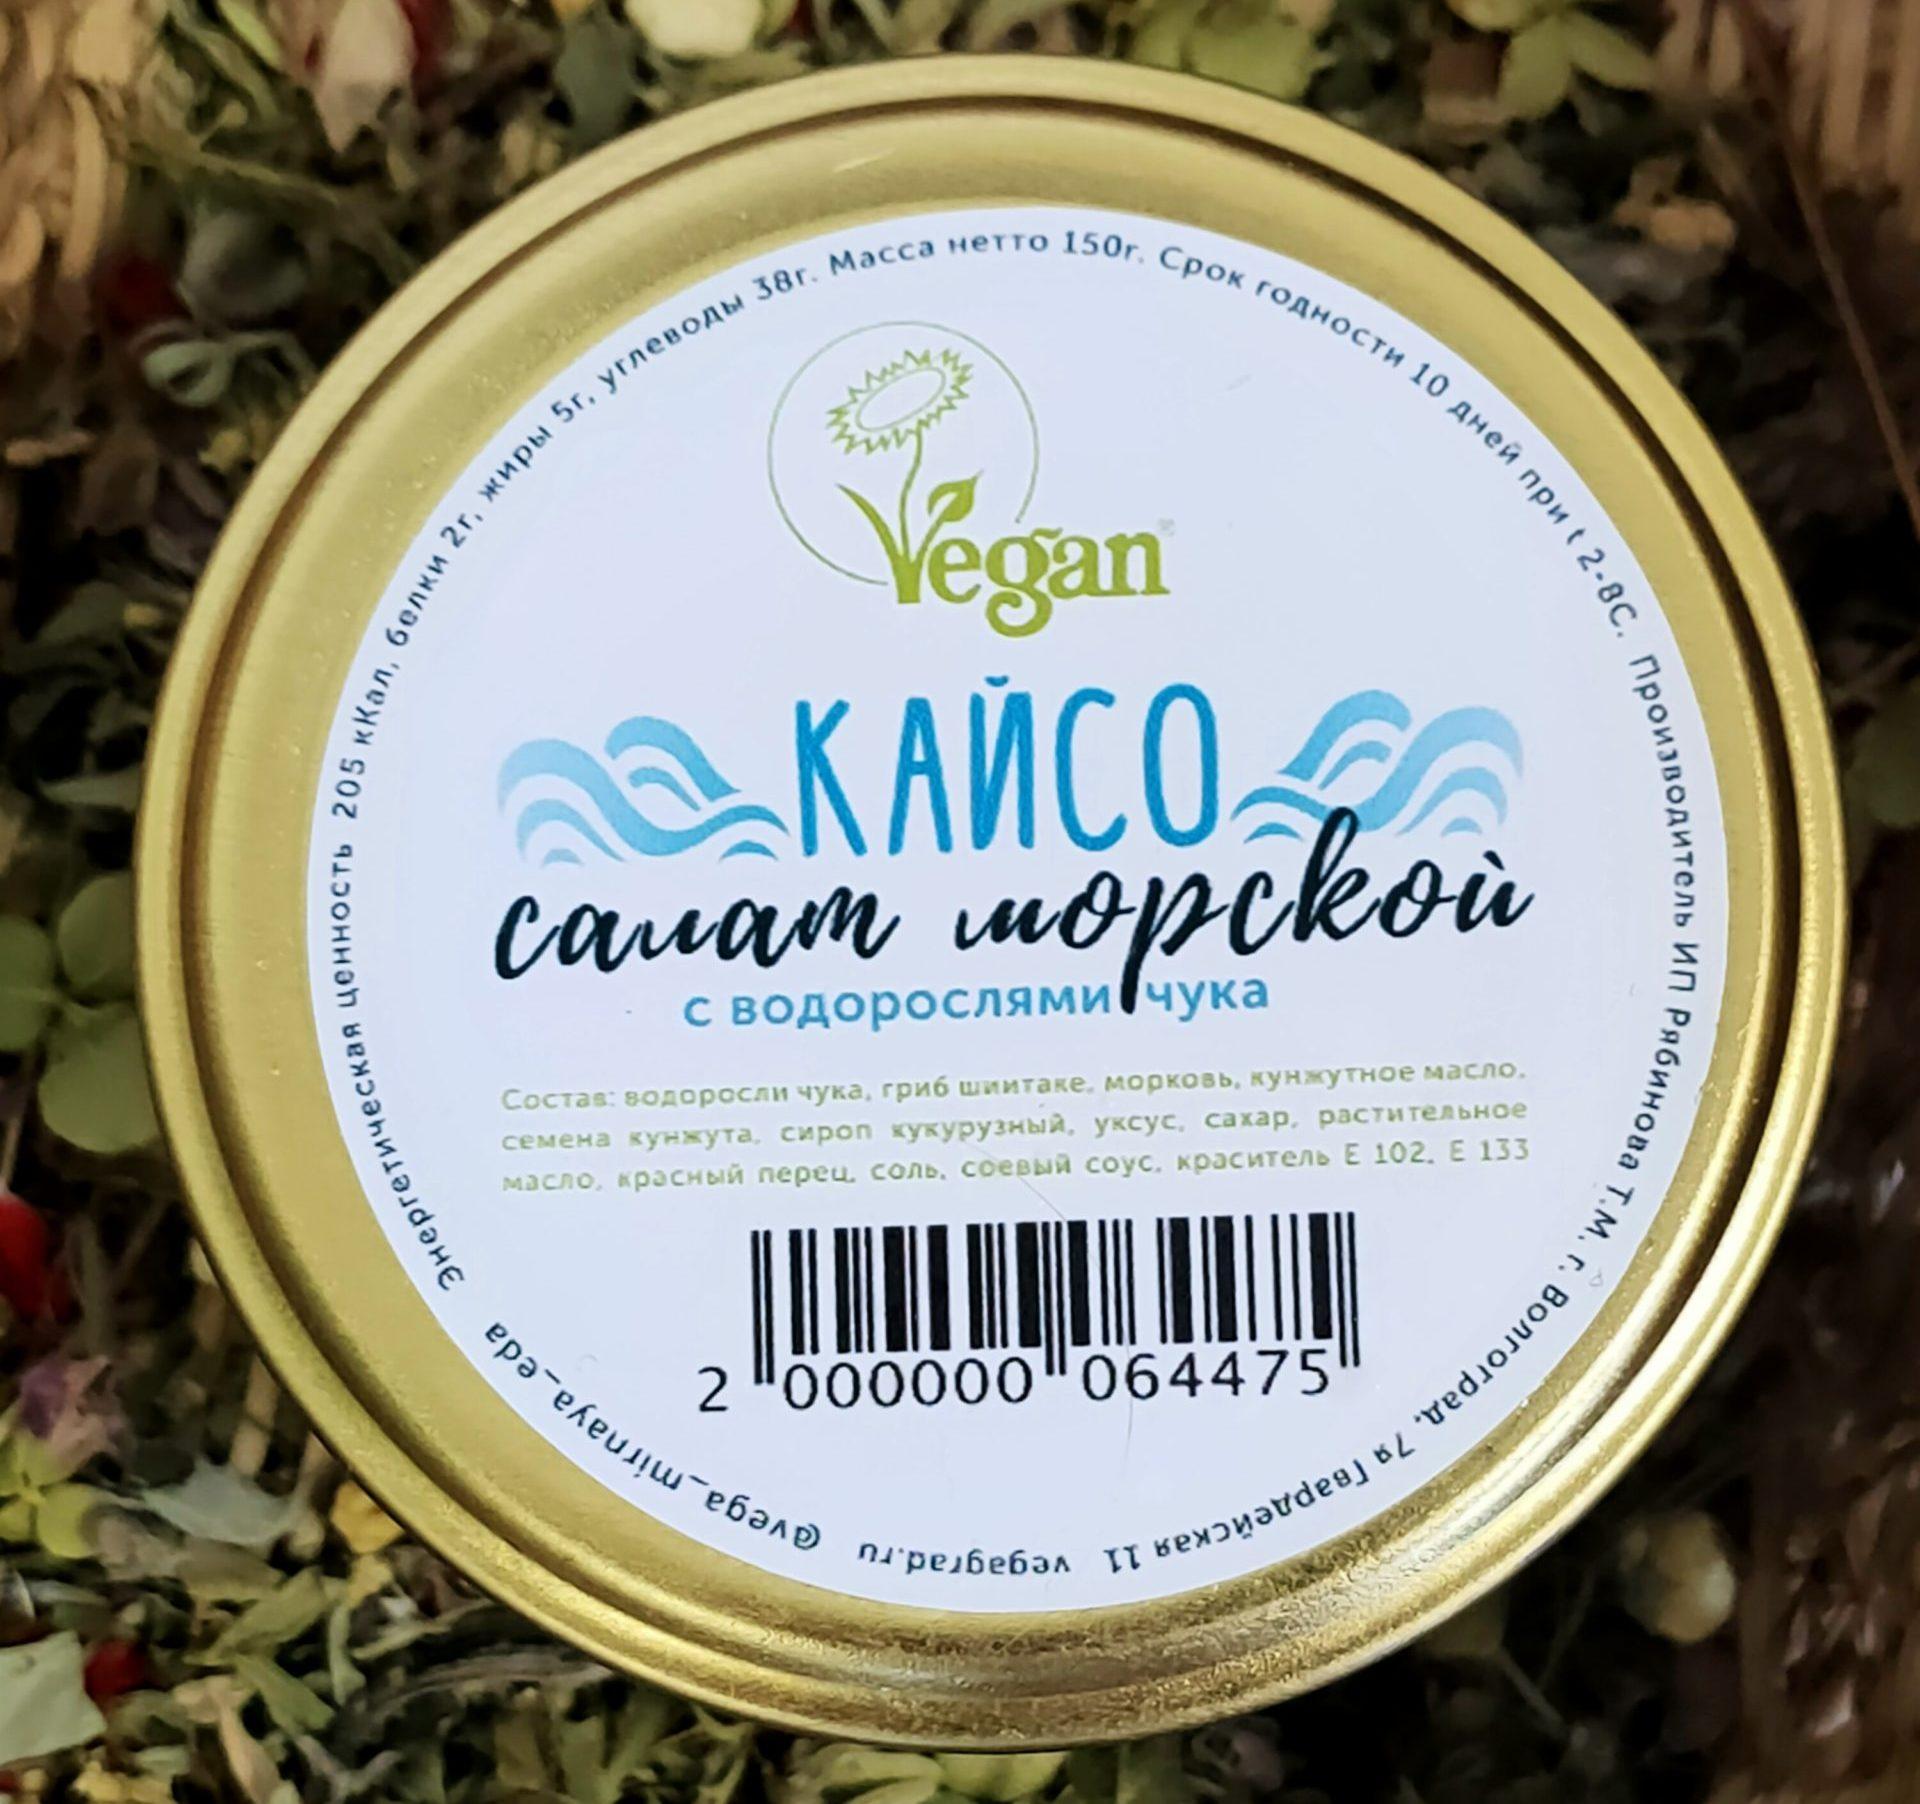 Кайсо салат морской Вега мирная еда/150гр.